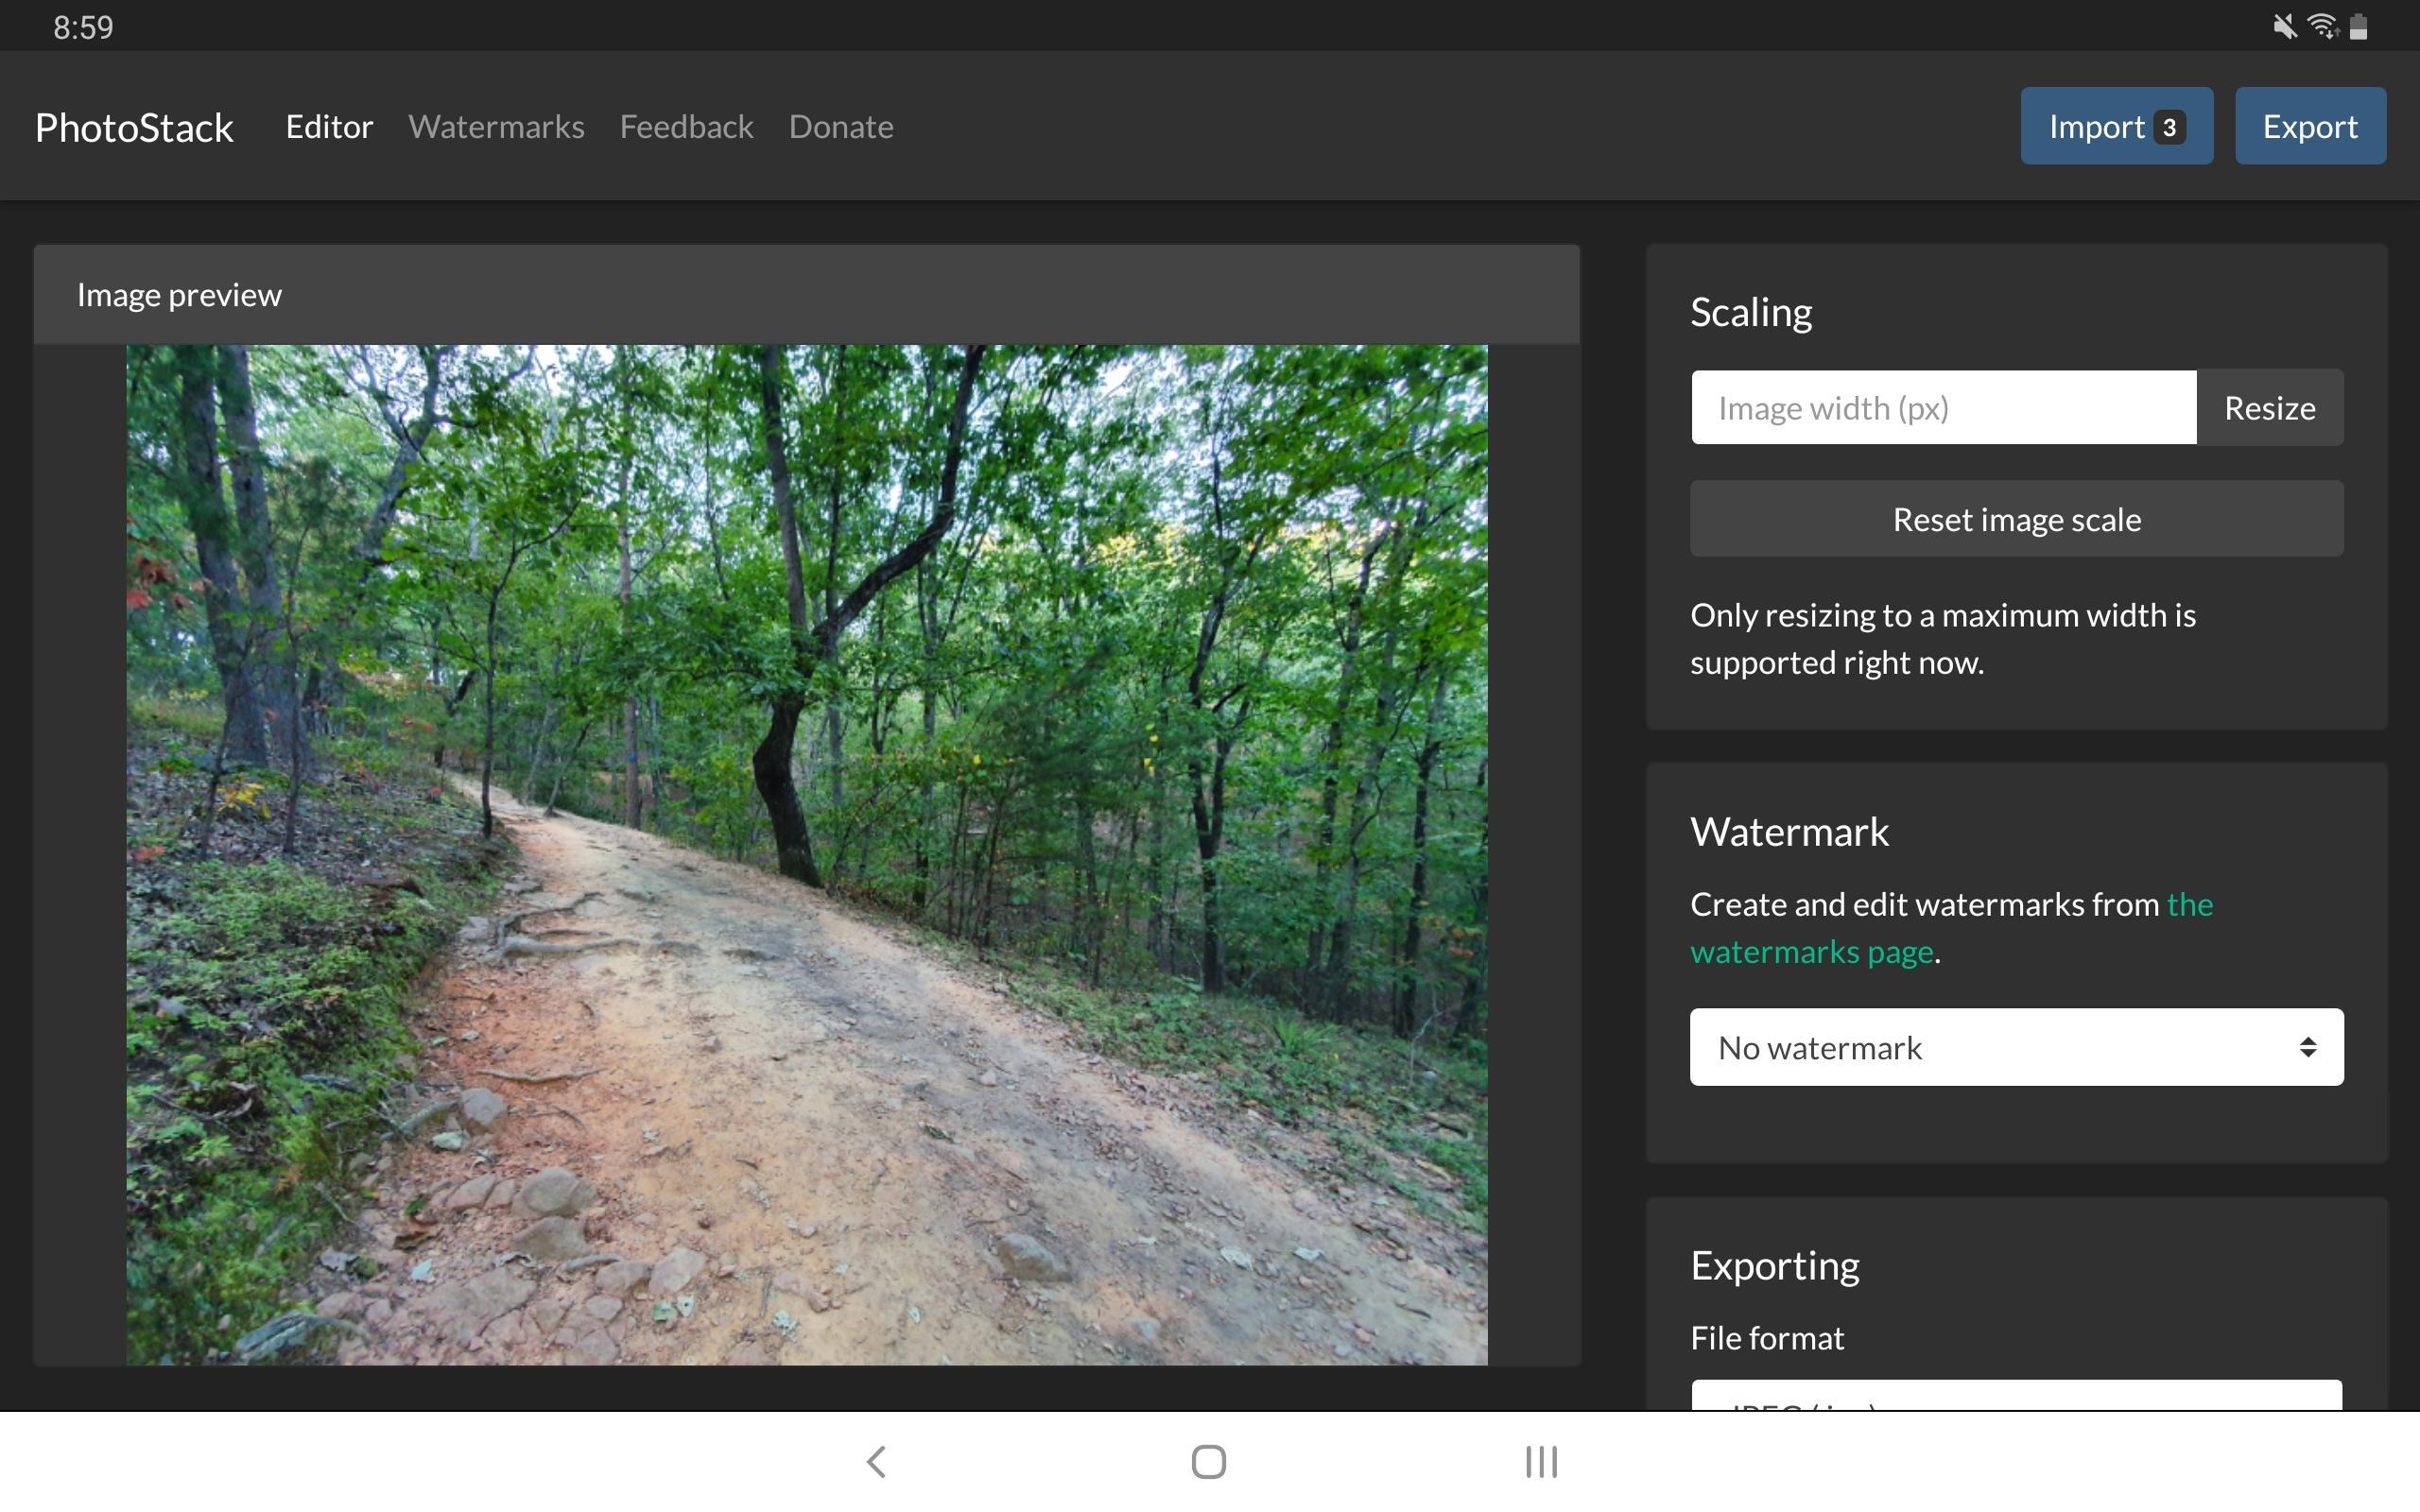 جديد التطبيقات على أندرويد PhotoStack لتحرير صور متعددة في وقت واحد